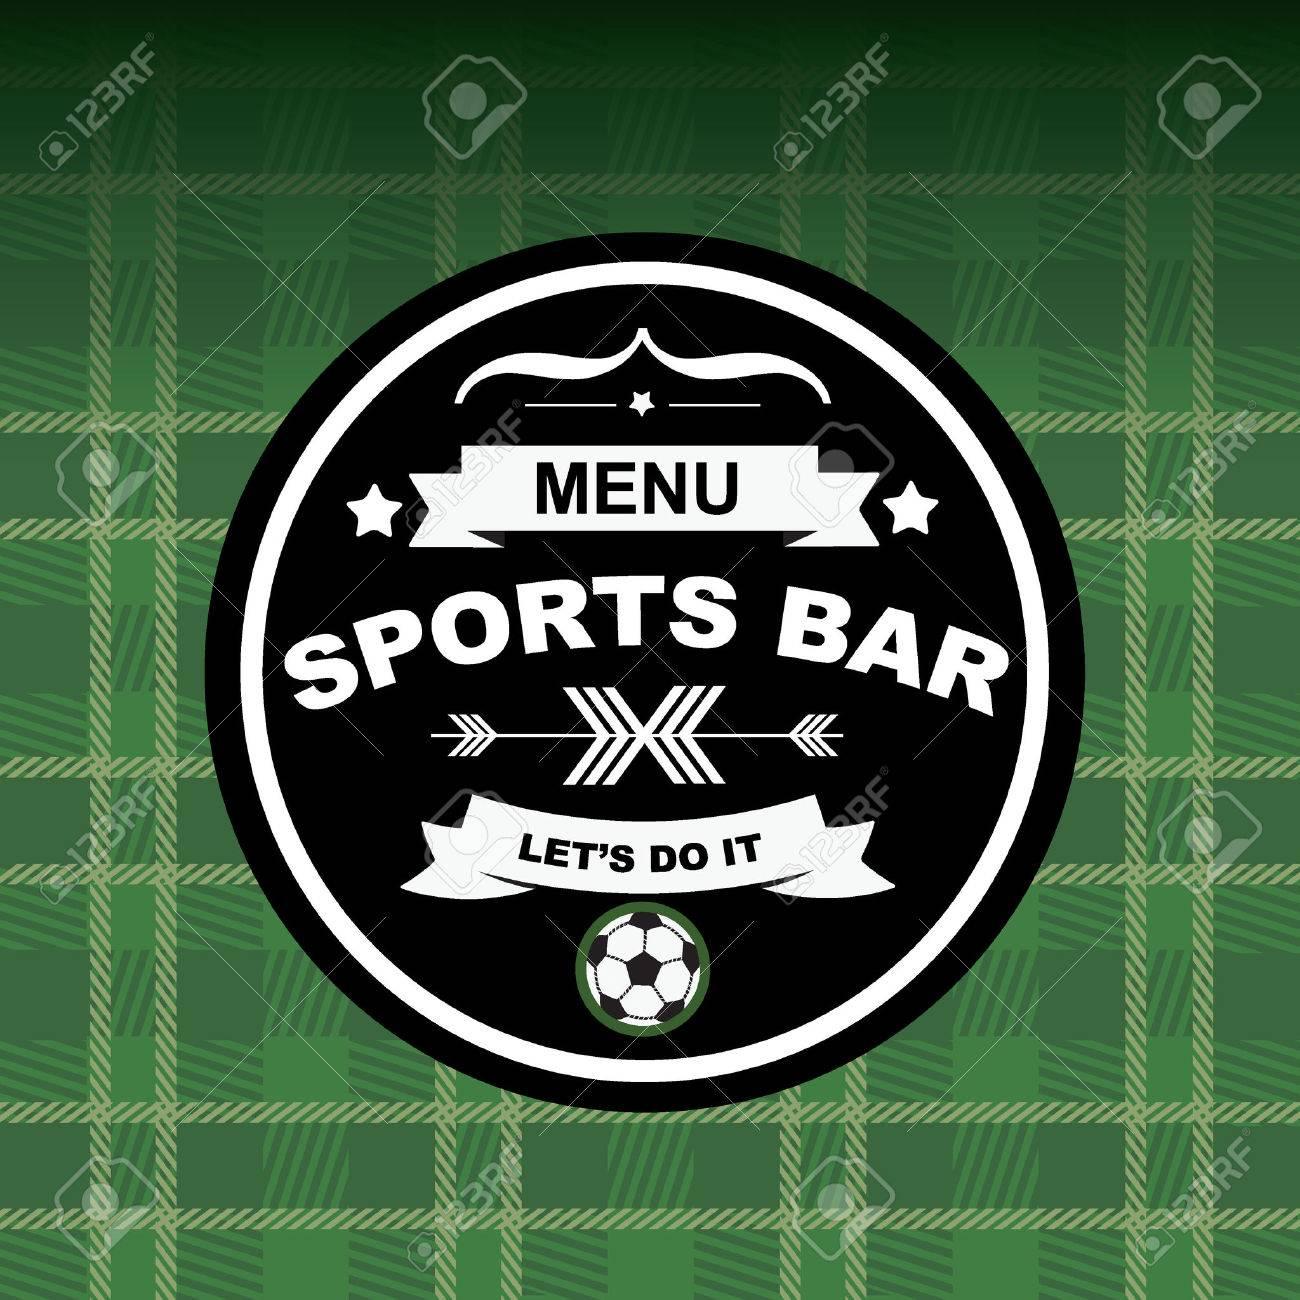 Sport-Bar Menü-Vorlage Design.Vector Abbildung. Lizenzfrei Nutzbare ...